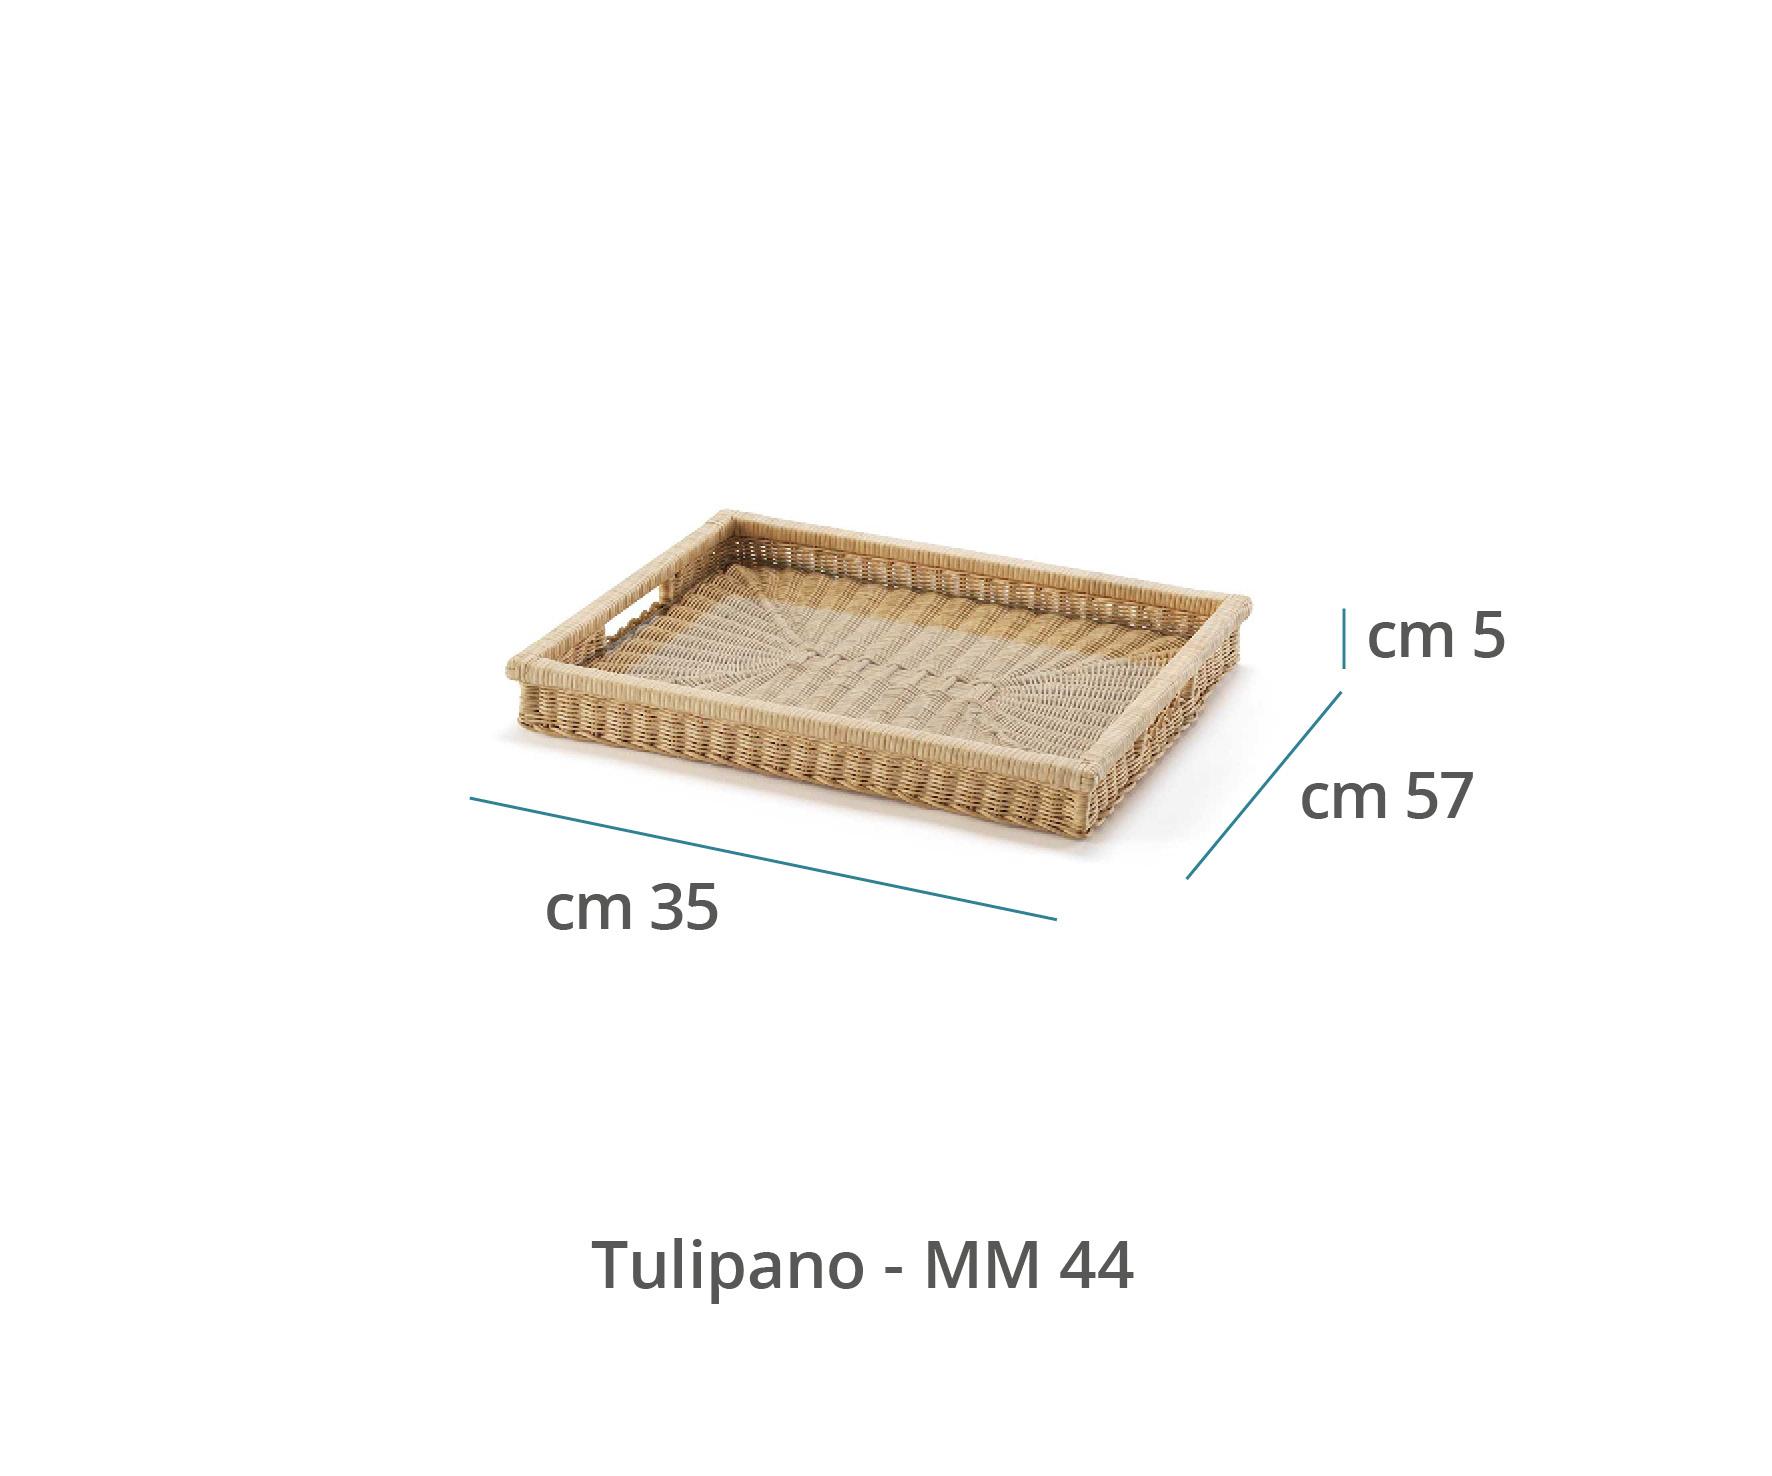 schede-tecniche-Milamaurizi-MM44